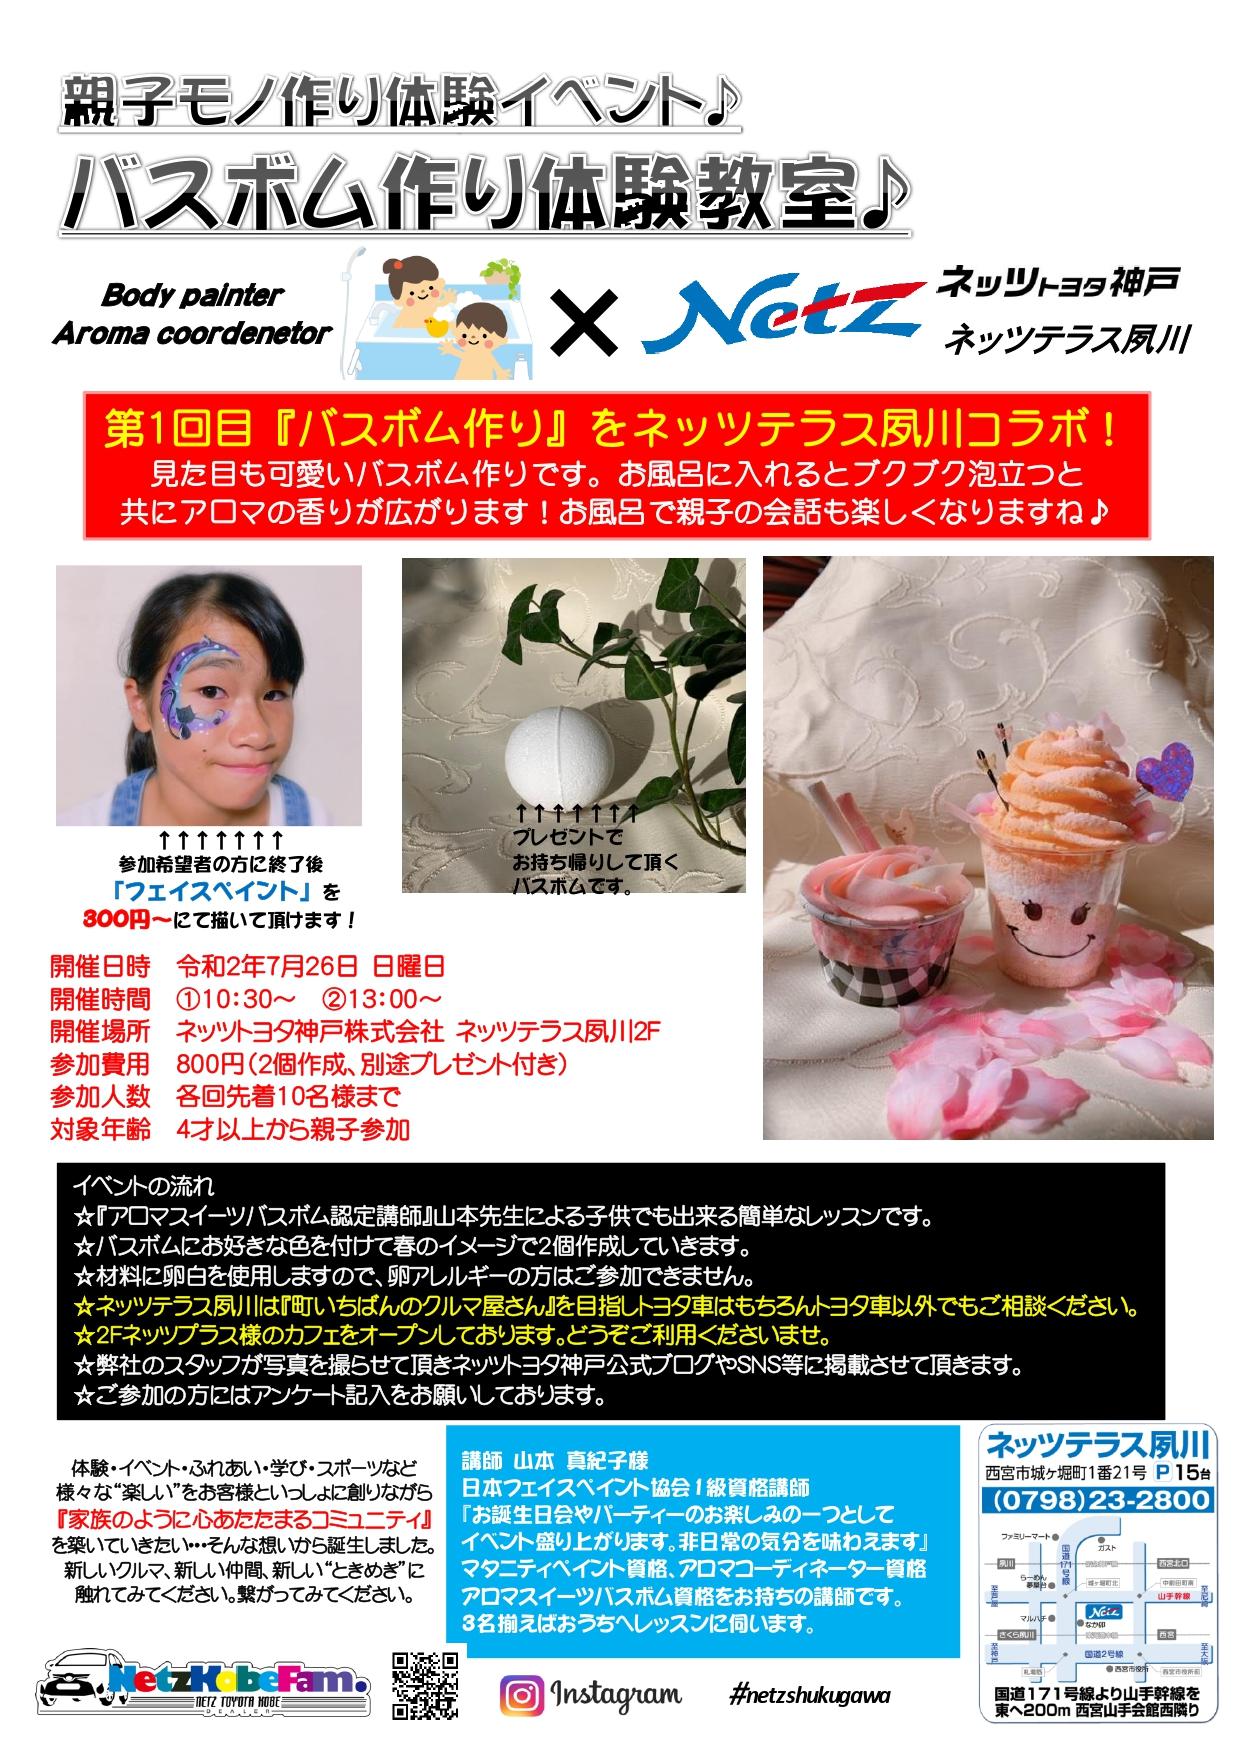 親子モノ作り体験イベント「バスボム作り体験教室」